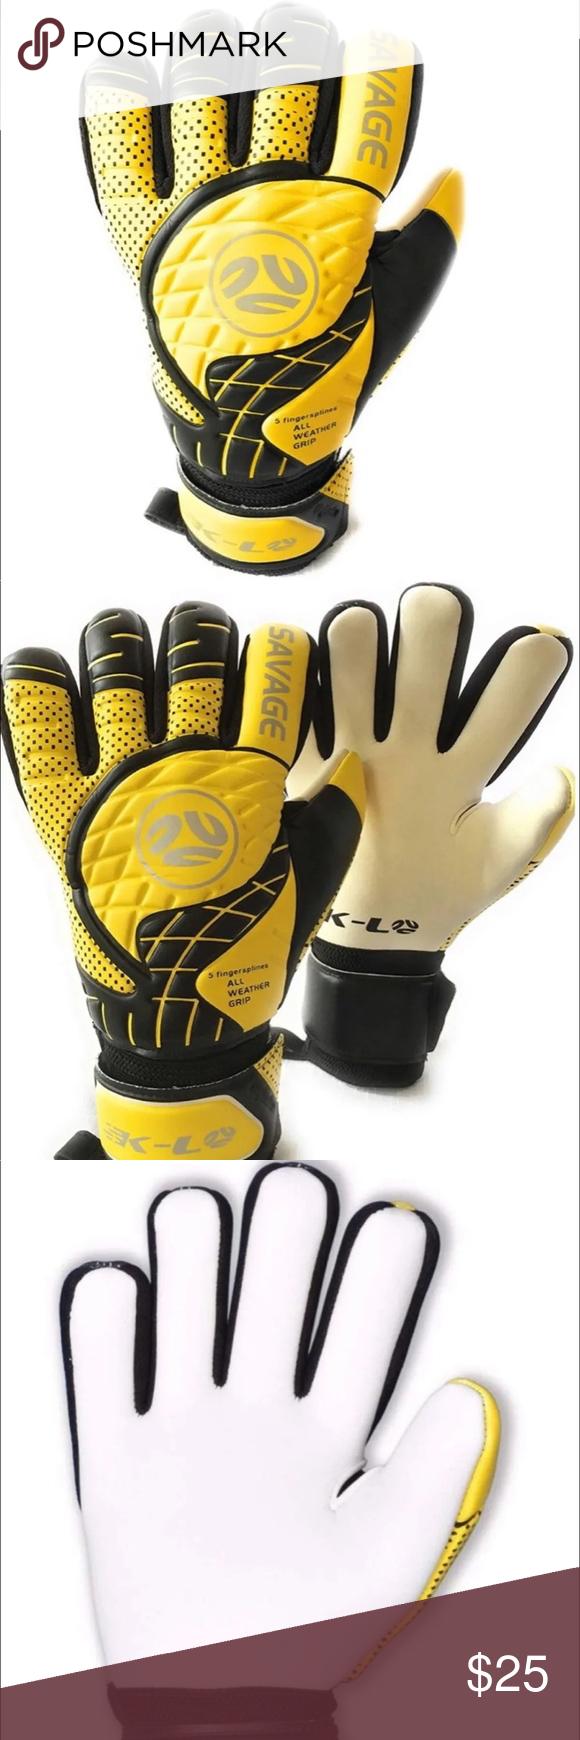 Goalkeeper Anti Slip Training Gloves Breathable Training Gloves Football Kids Goalkeeper